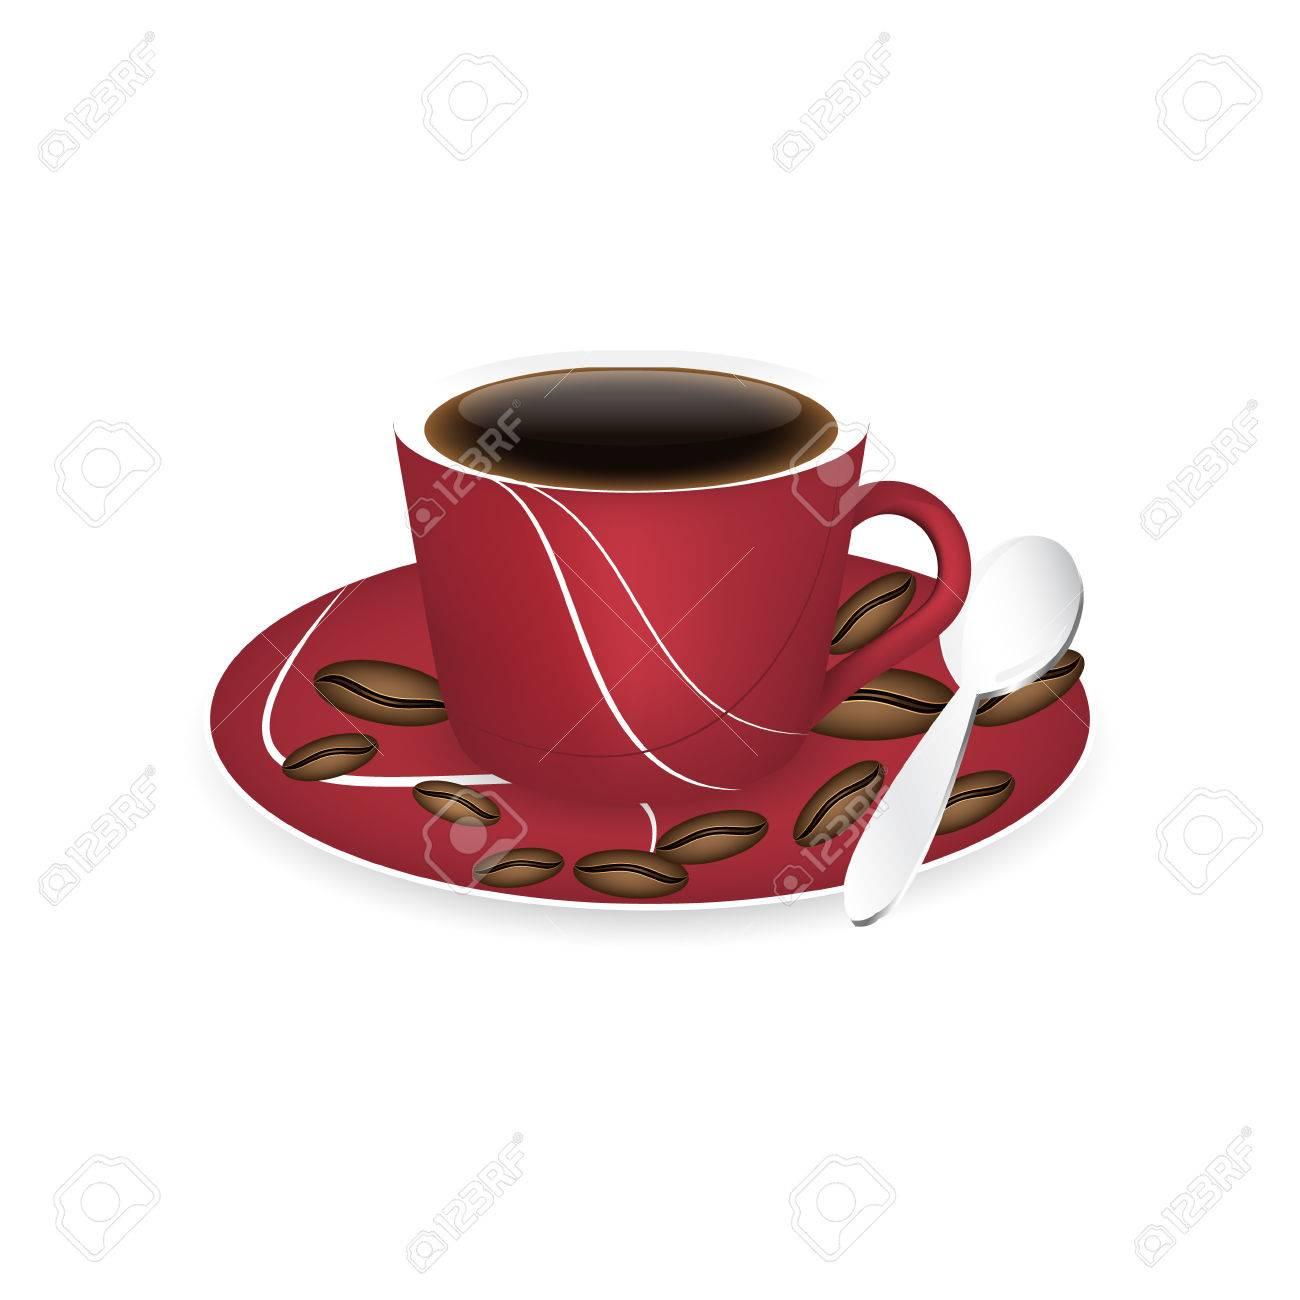 tasse de cafe rouge cuillere et grains de cafe isole sur un fond blanc